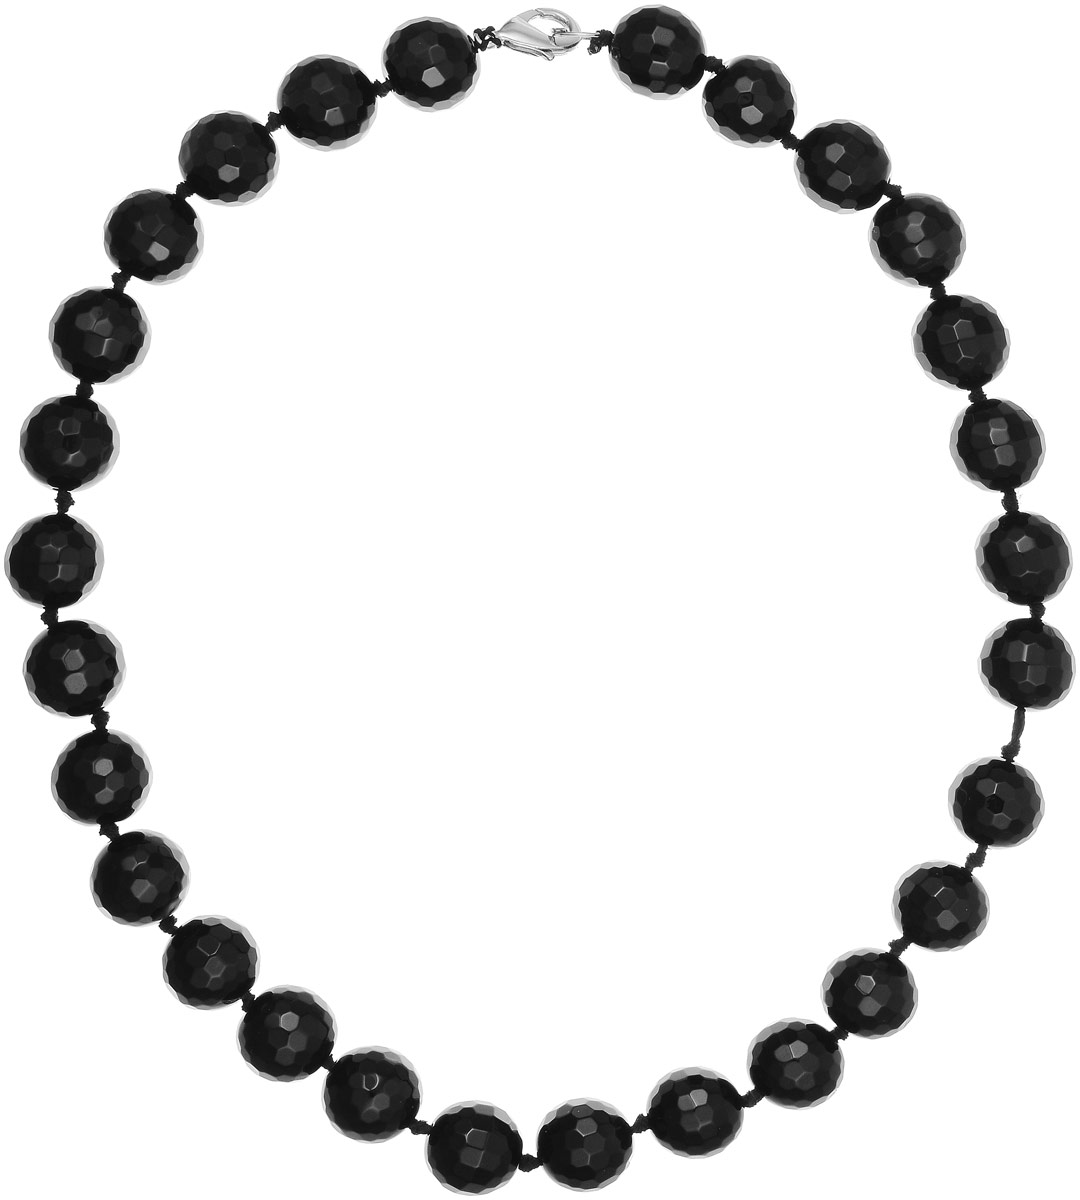 Бусы Art-Silver, цвет: черный, длина 50 см. ЧГ16-50-891Бусы-ниткаБусы Art-Silver изготовлены из агата. Изделие оформлено круглыми рельефными бусинами и застегивается на замок-карабин из бижутерного сплава.